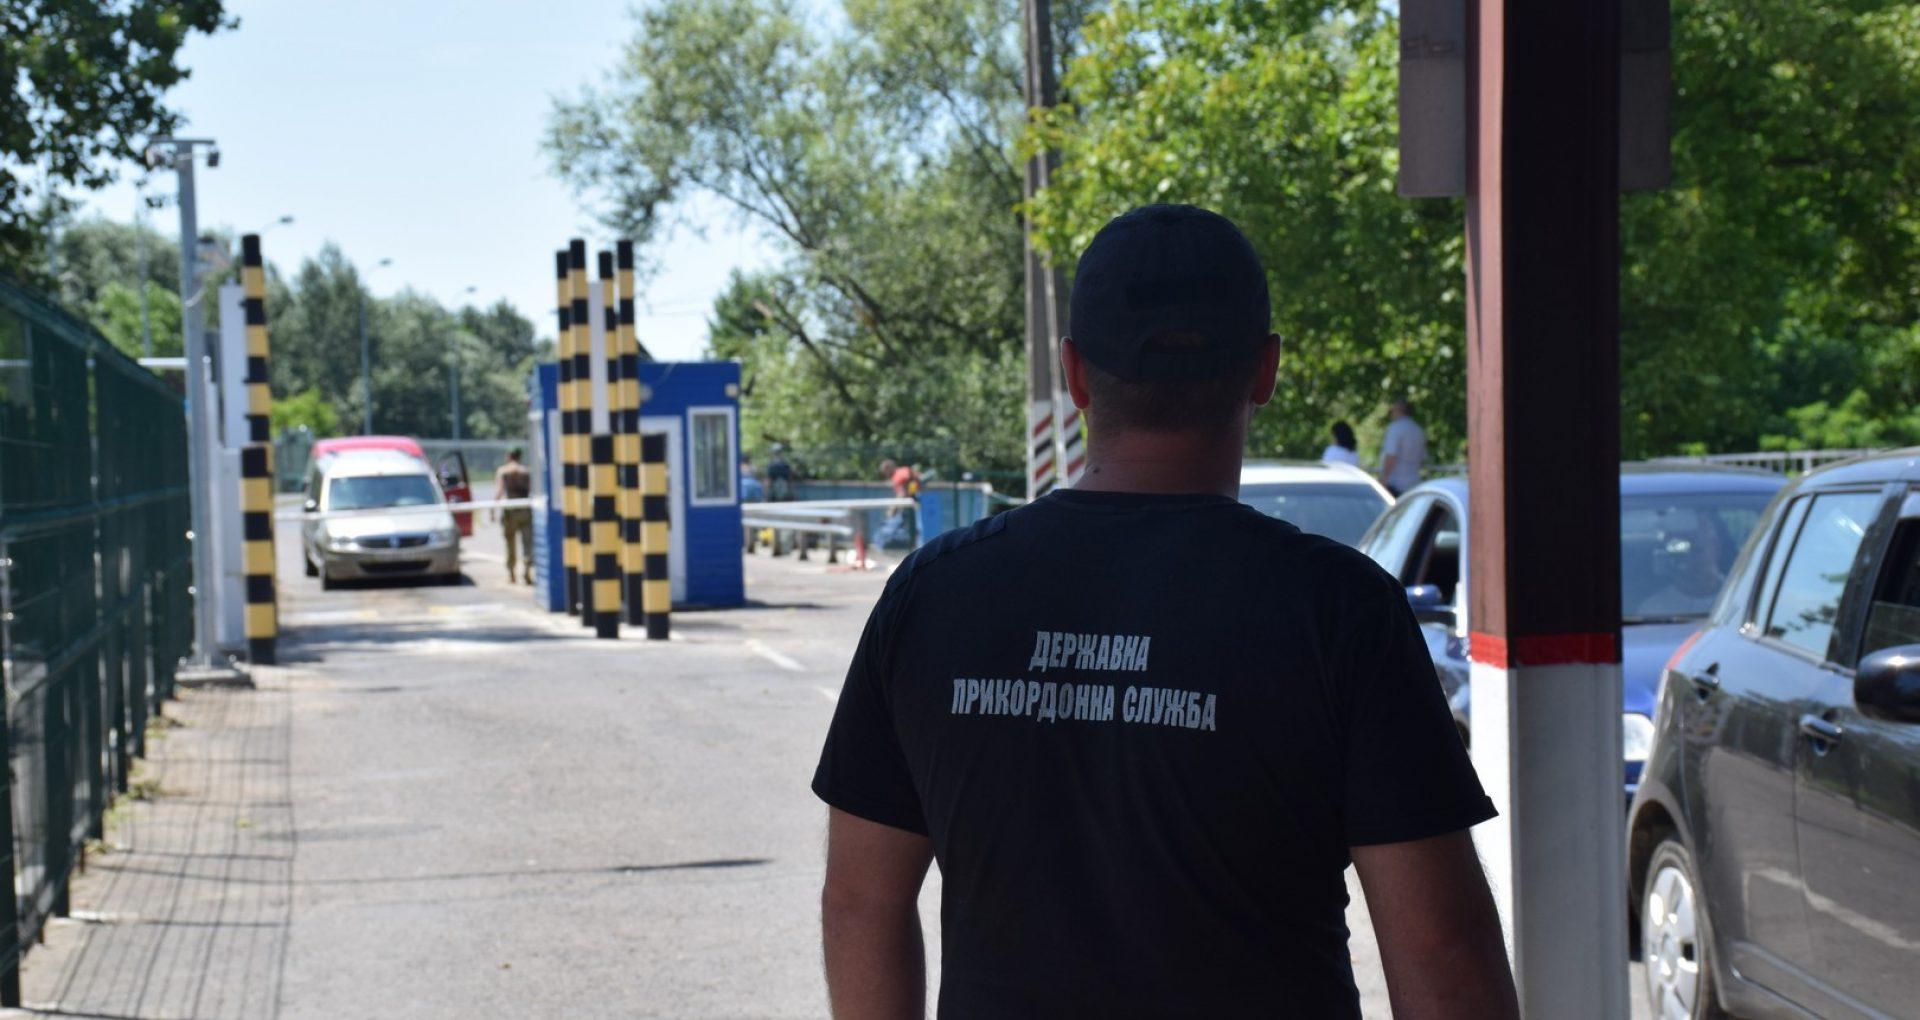 De la 1 septembrie, rămân în vigoare restricțiile de circulație pentru mașinile cu numere de înmatriculare transnistrene, în traficul internațional. Precizările Biroului de Reintegrare după informațiile furnizate de autoritățile ucrainene